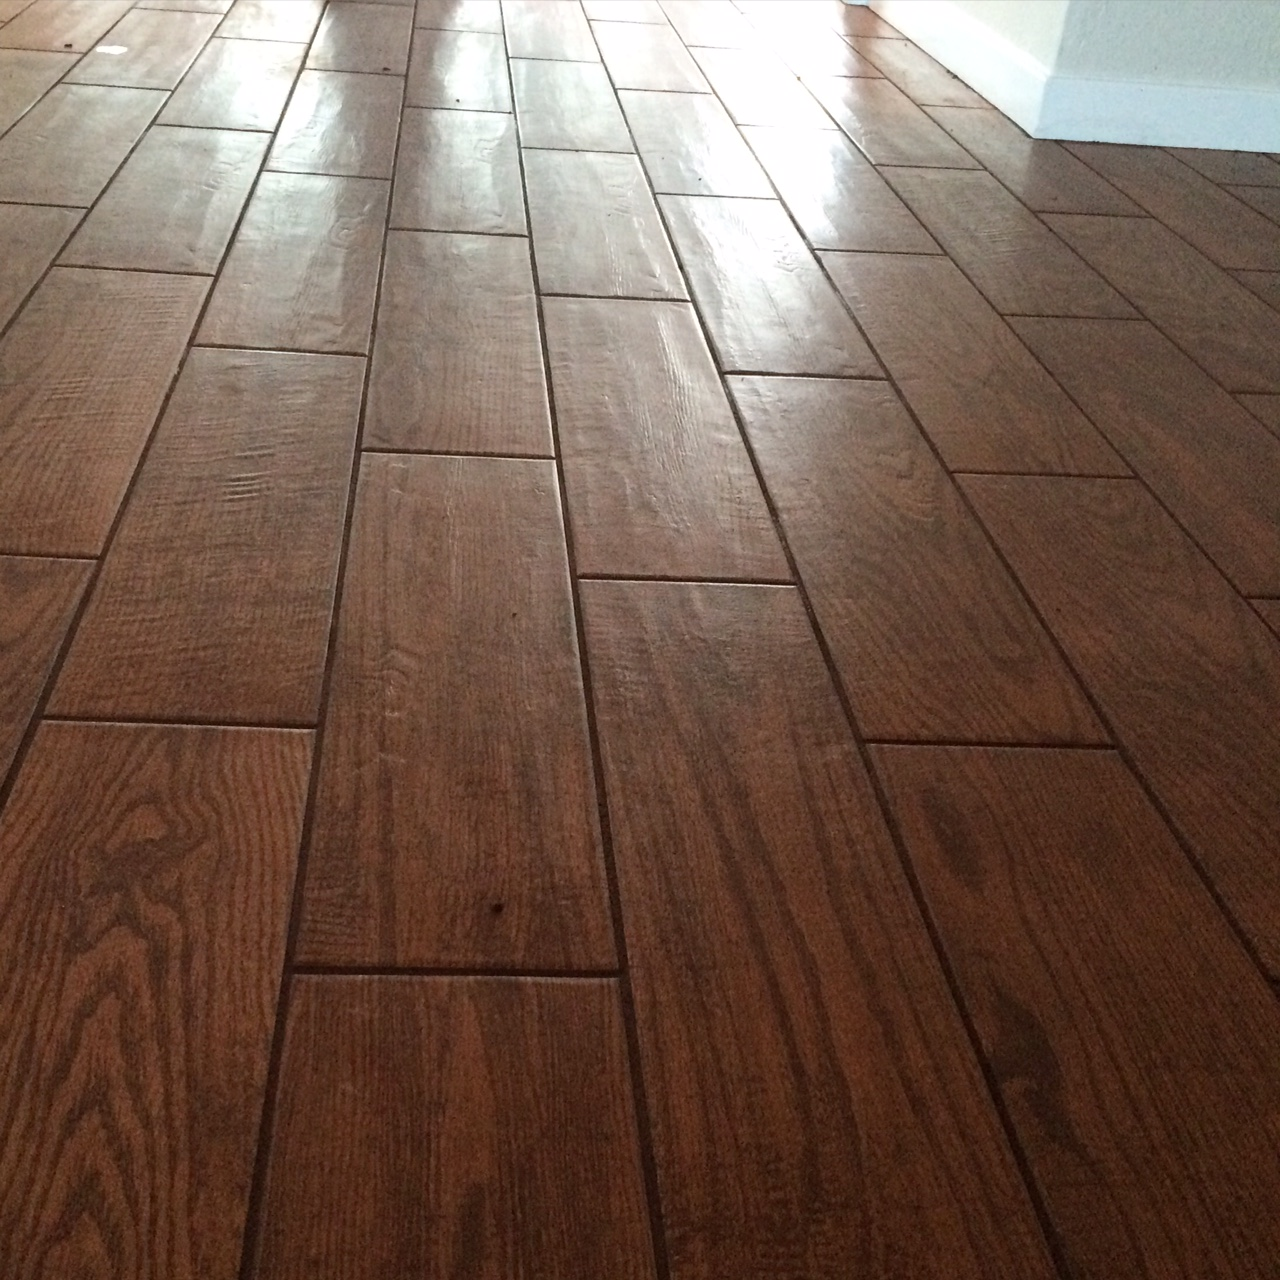 Wood Tile Flooring: Re...